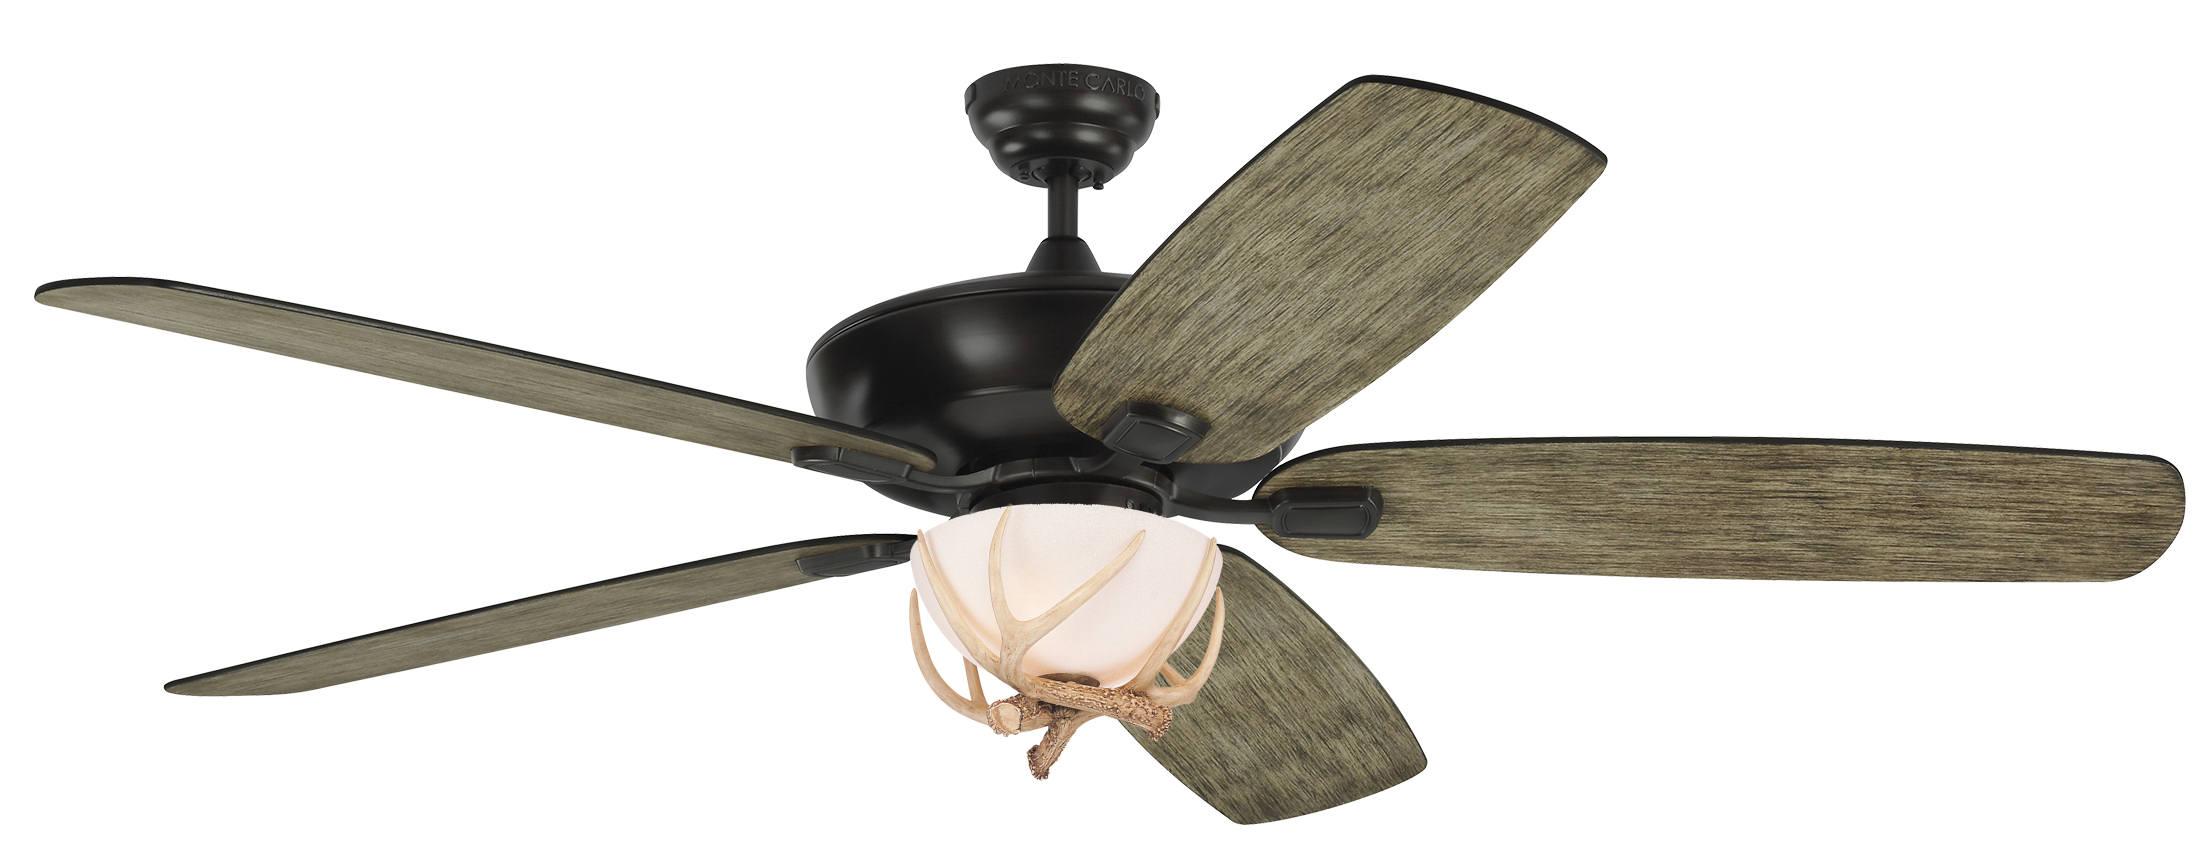 60 Antler Ceiling Fan Indoor Outdoor Light Blades